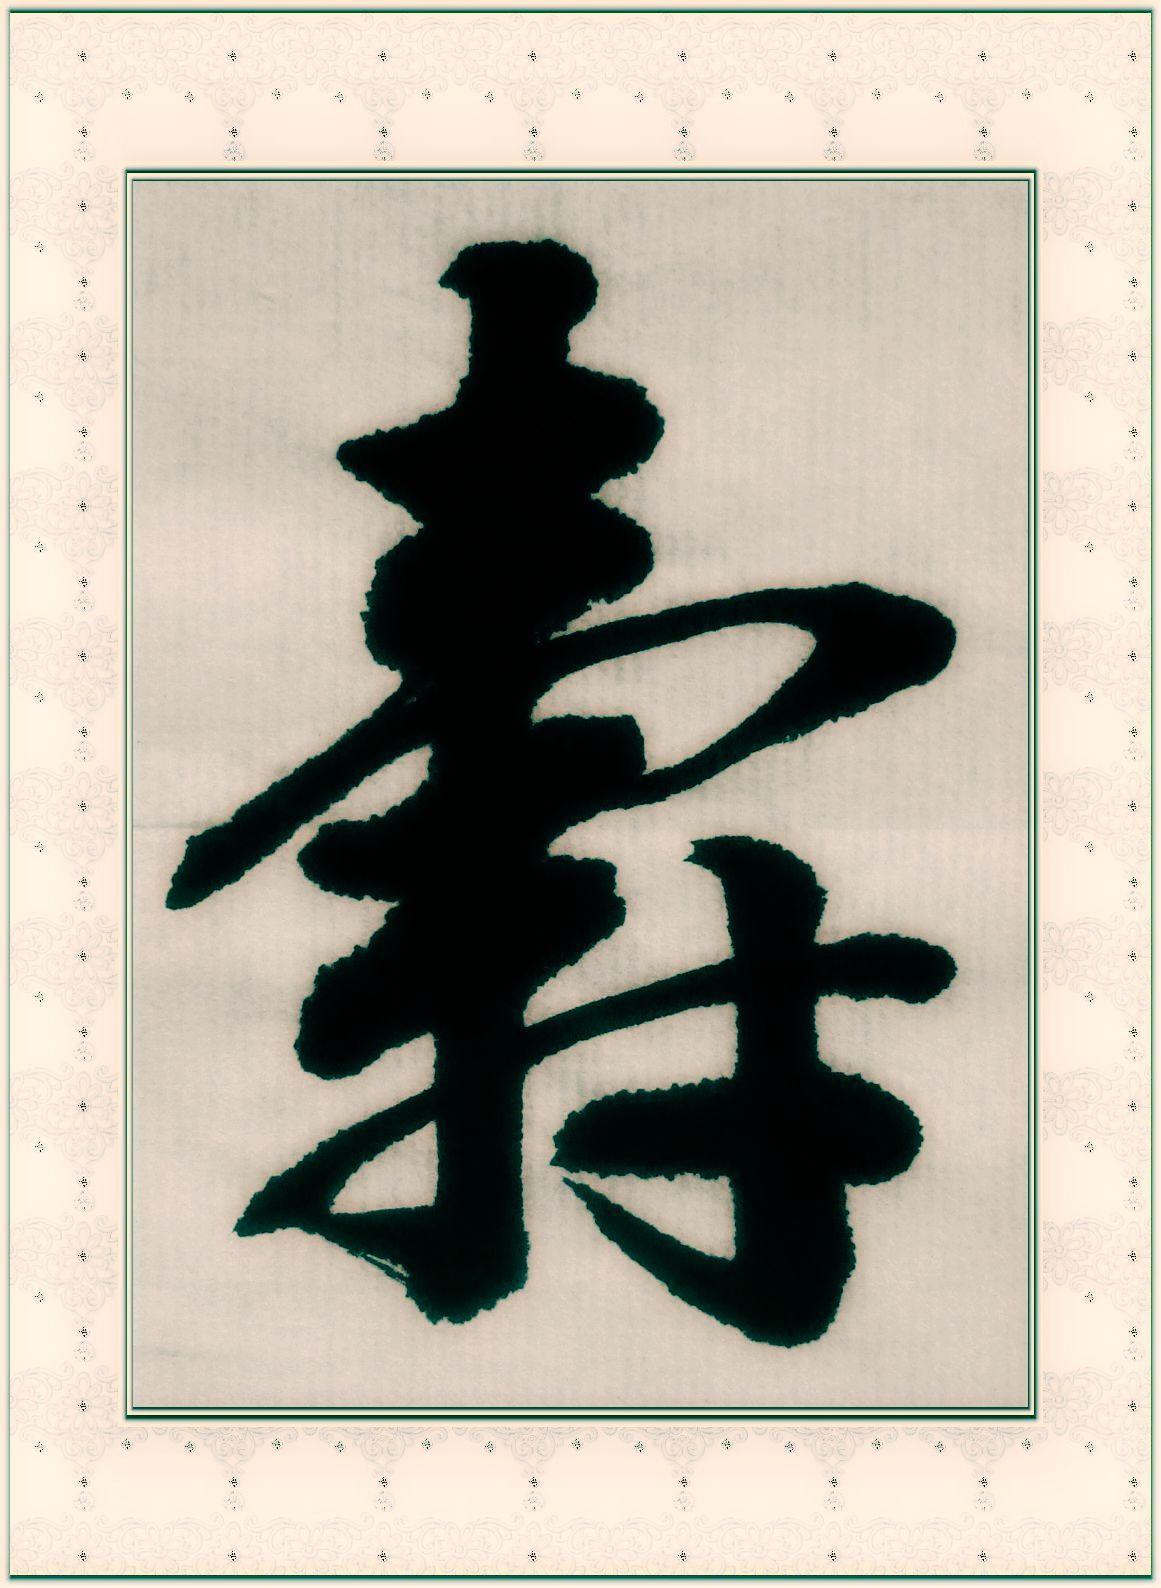 字的写法_海字的行书写法_张字的艺术写法图片_潘字 ...